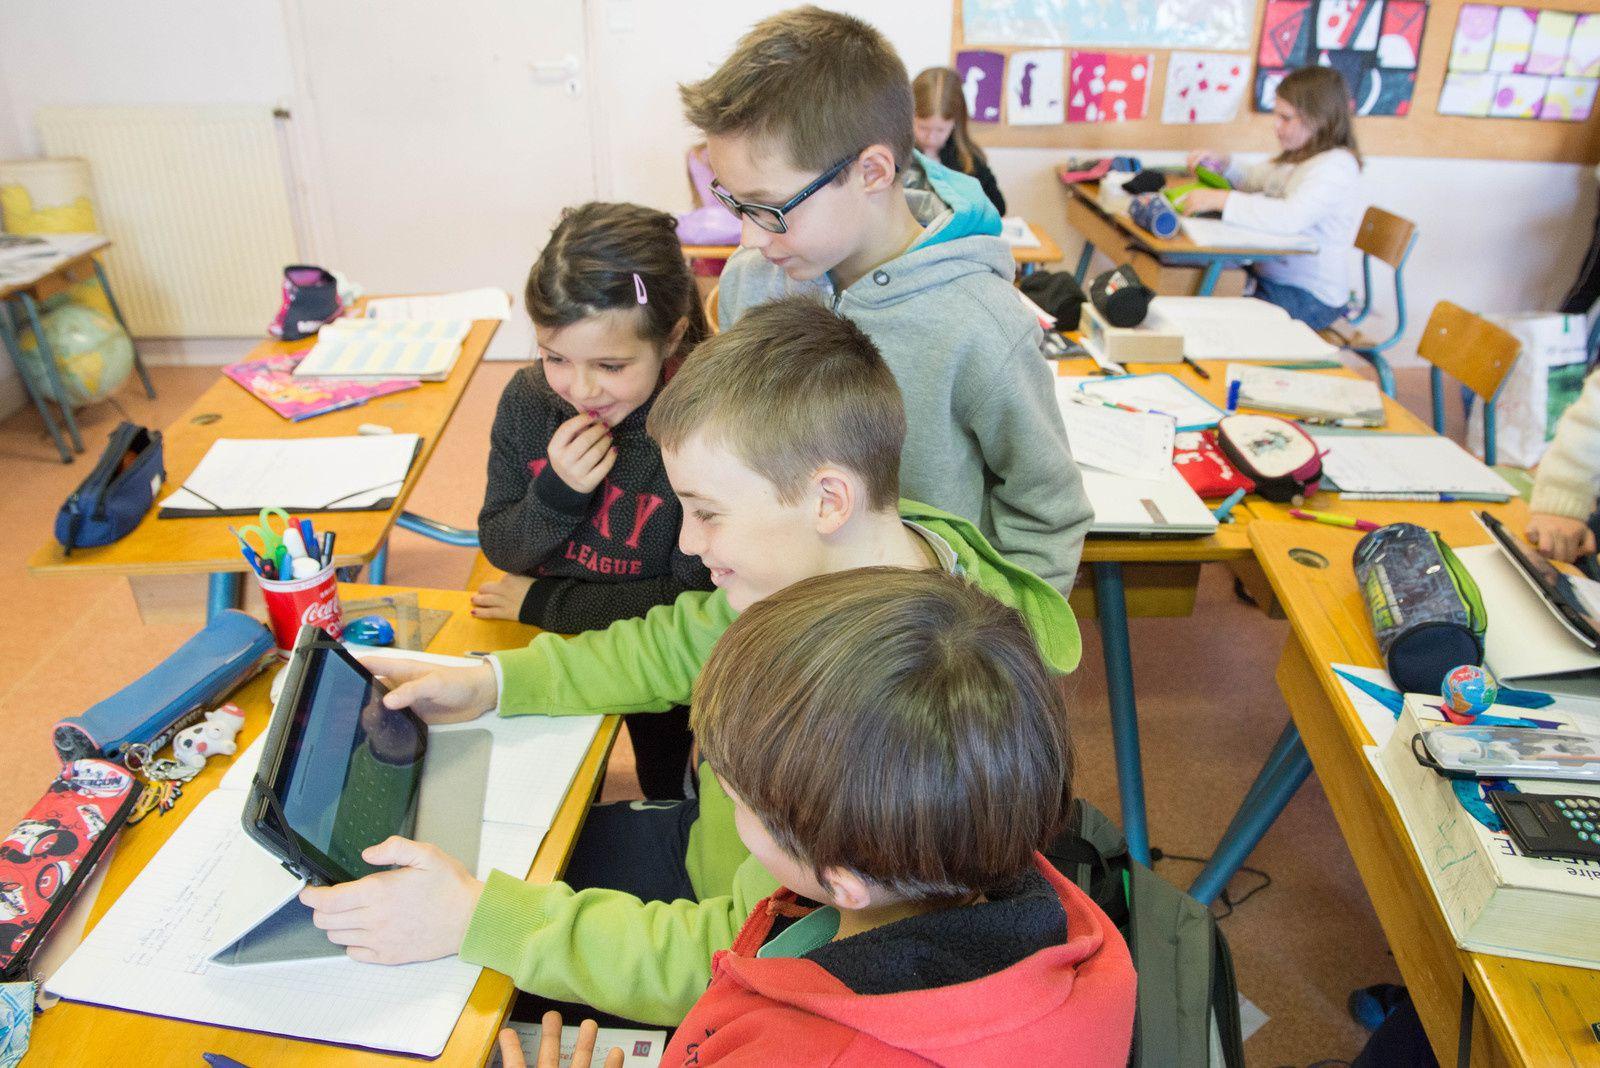 Tournon d'Agenais : Des nouvelles tablettes numériques à l'école primaire